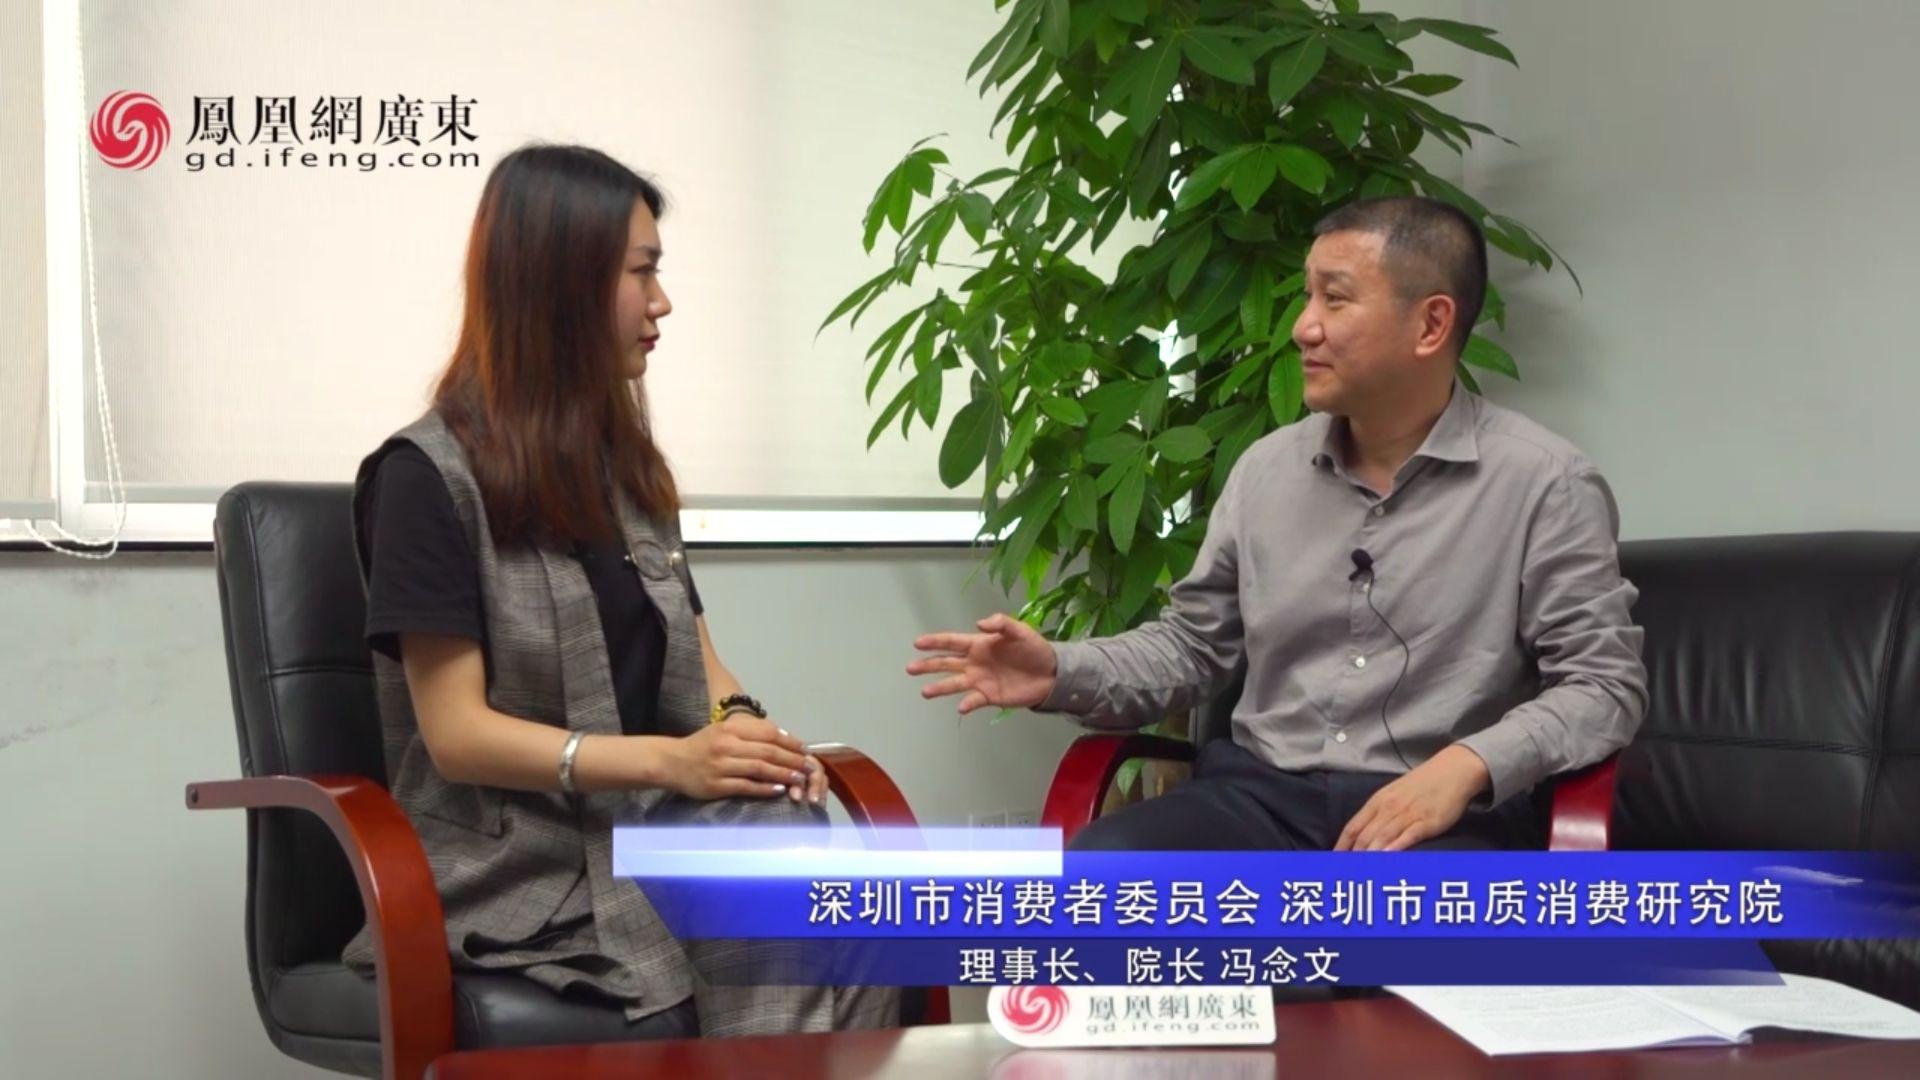 專訪|深圳市消費者委員會秘書長馮念文